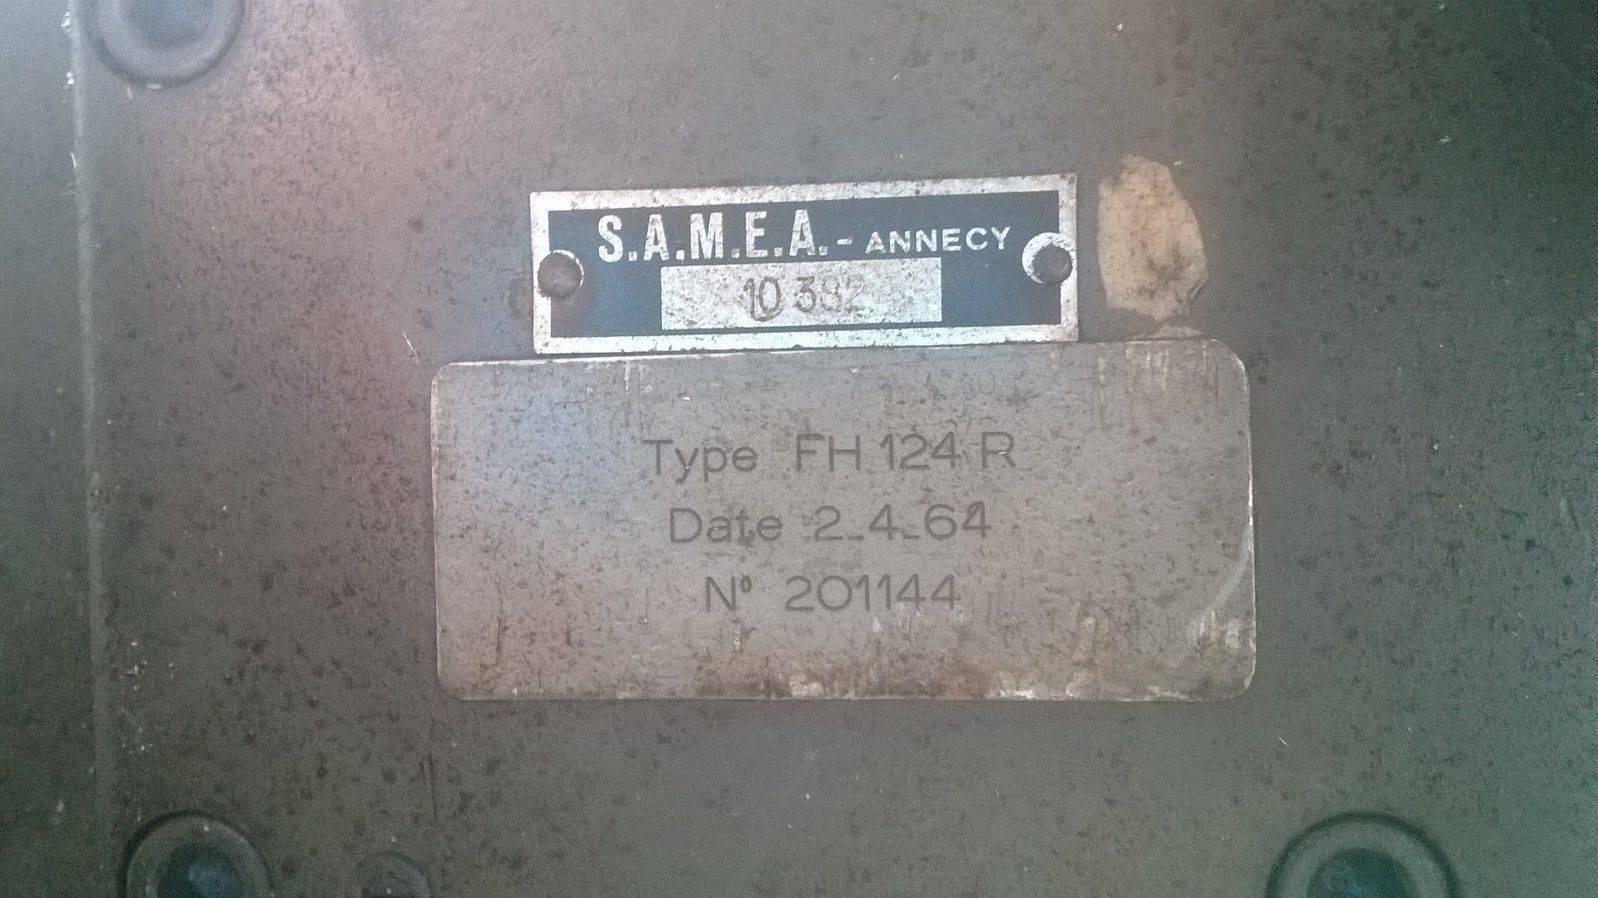 hu 124 hyper plaque 2.jpg